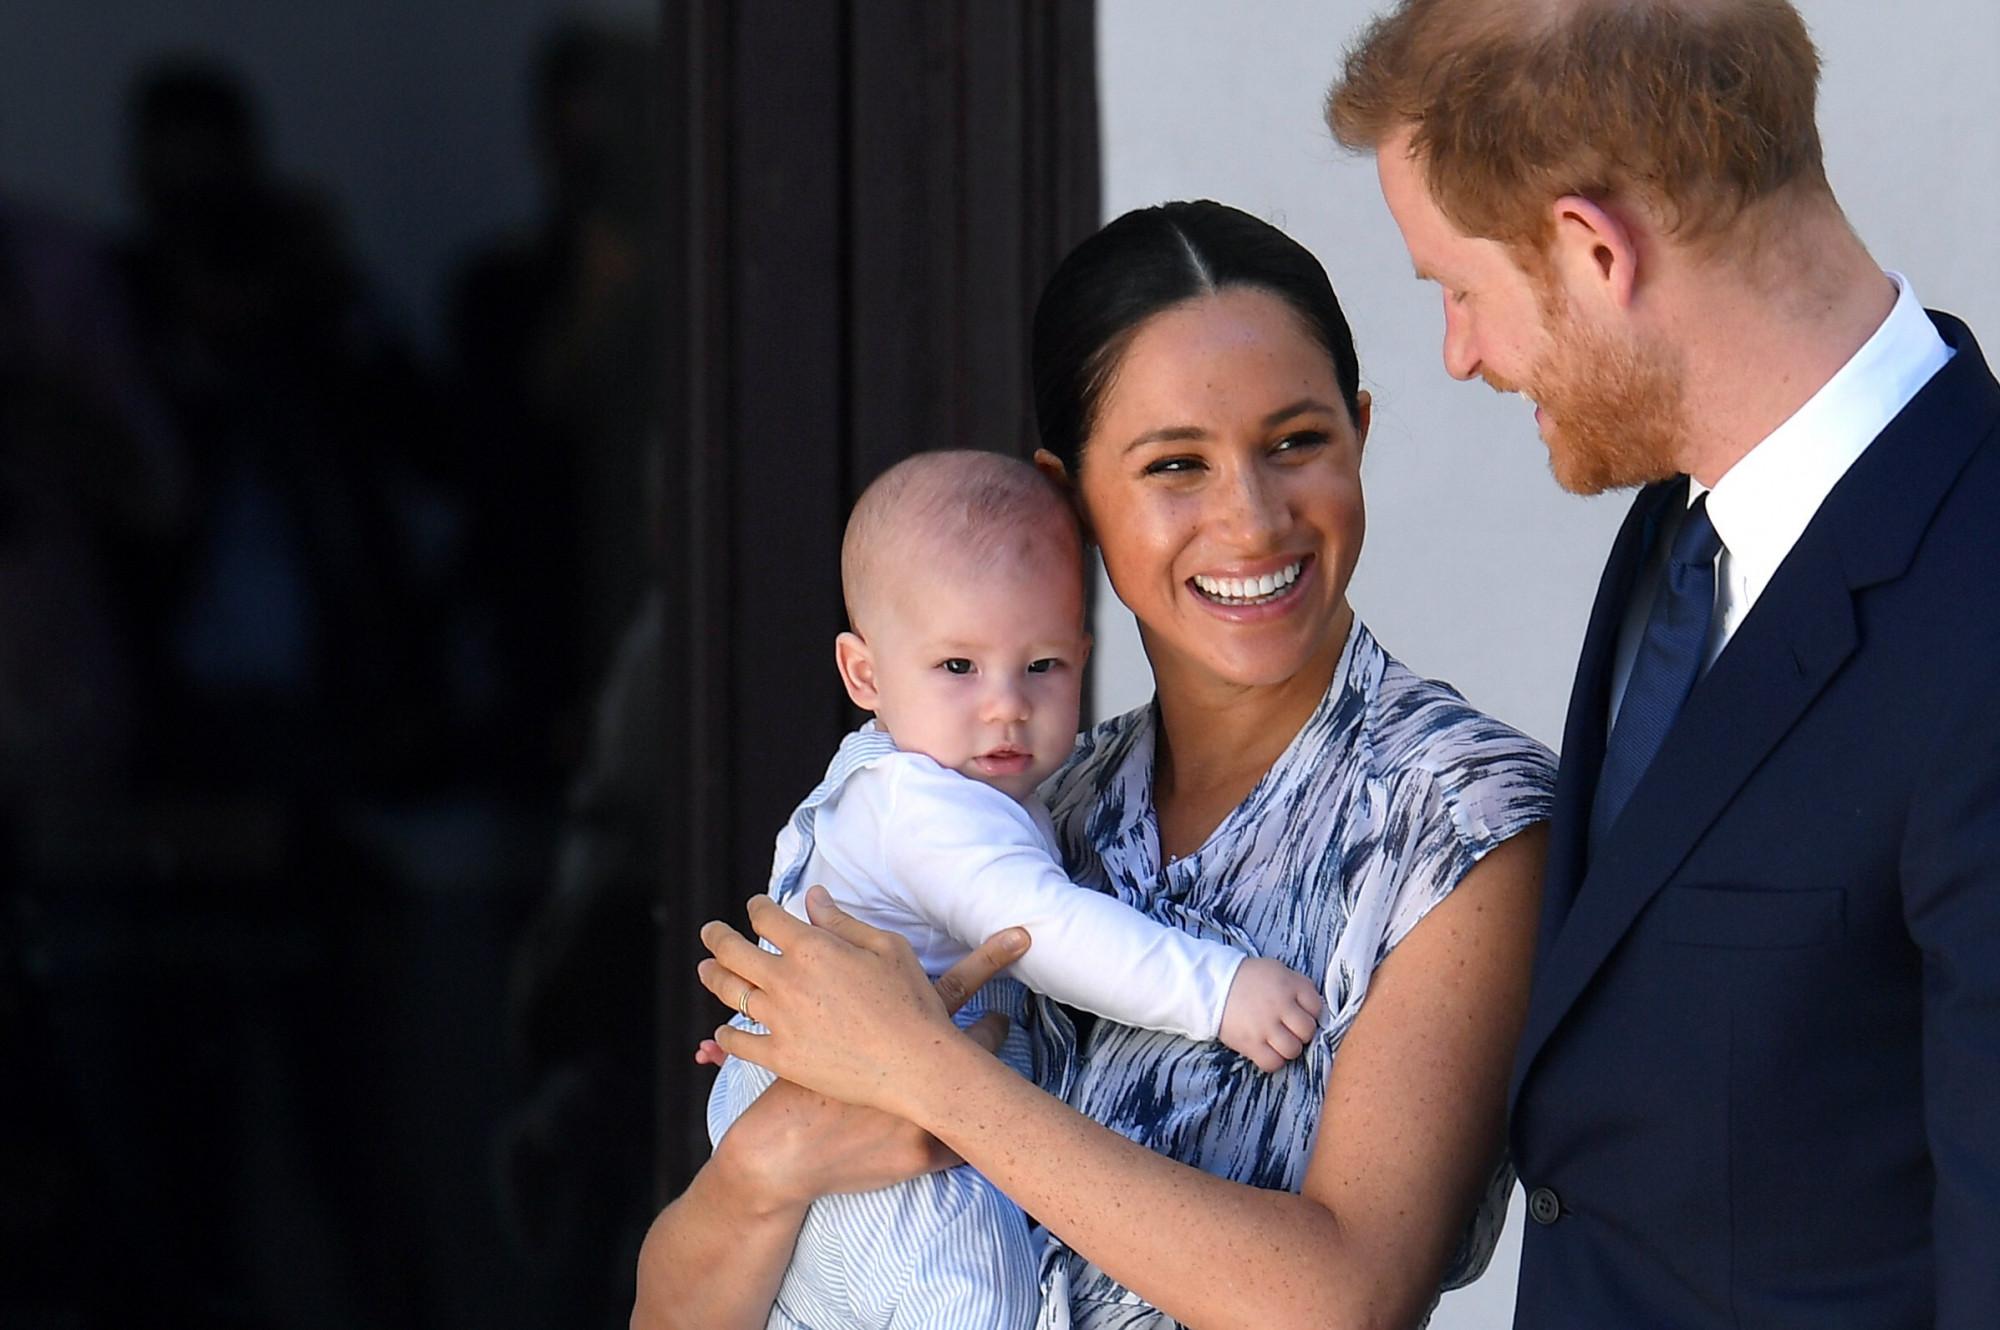 Vợ chồng Hoàng tử Harry muốn rút lui dần khỏi vai trò hoàng gia để làm việc như những công dân bình thường, tự chủ hơn về tài chính.